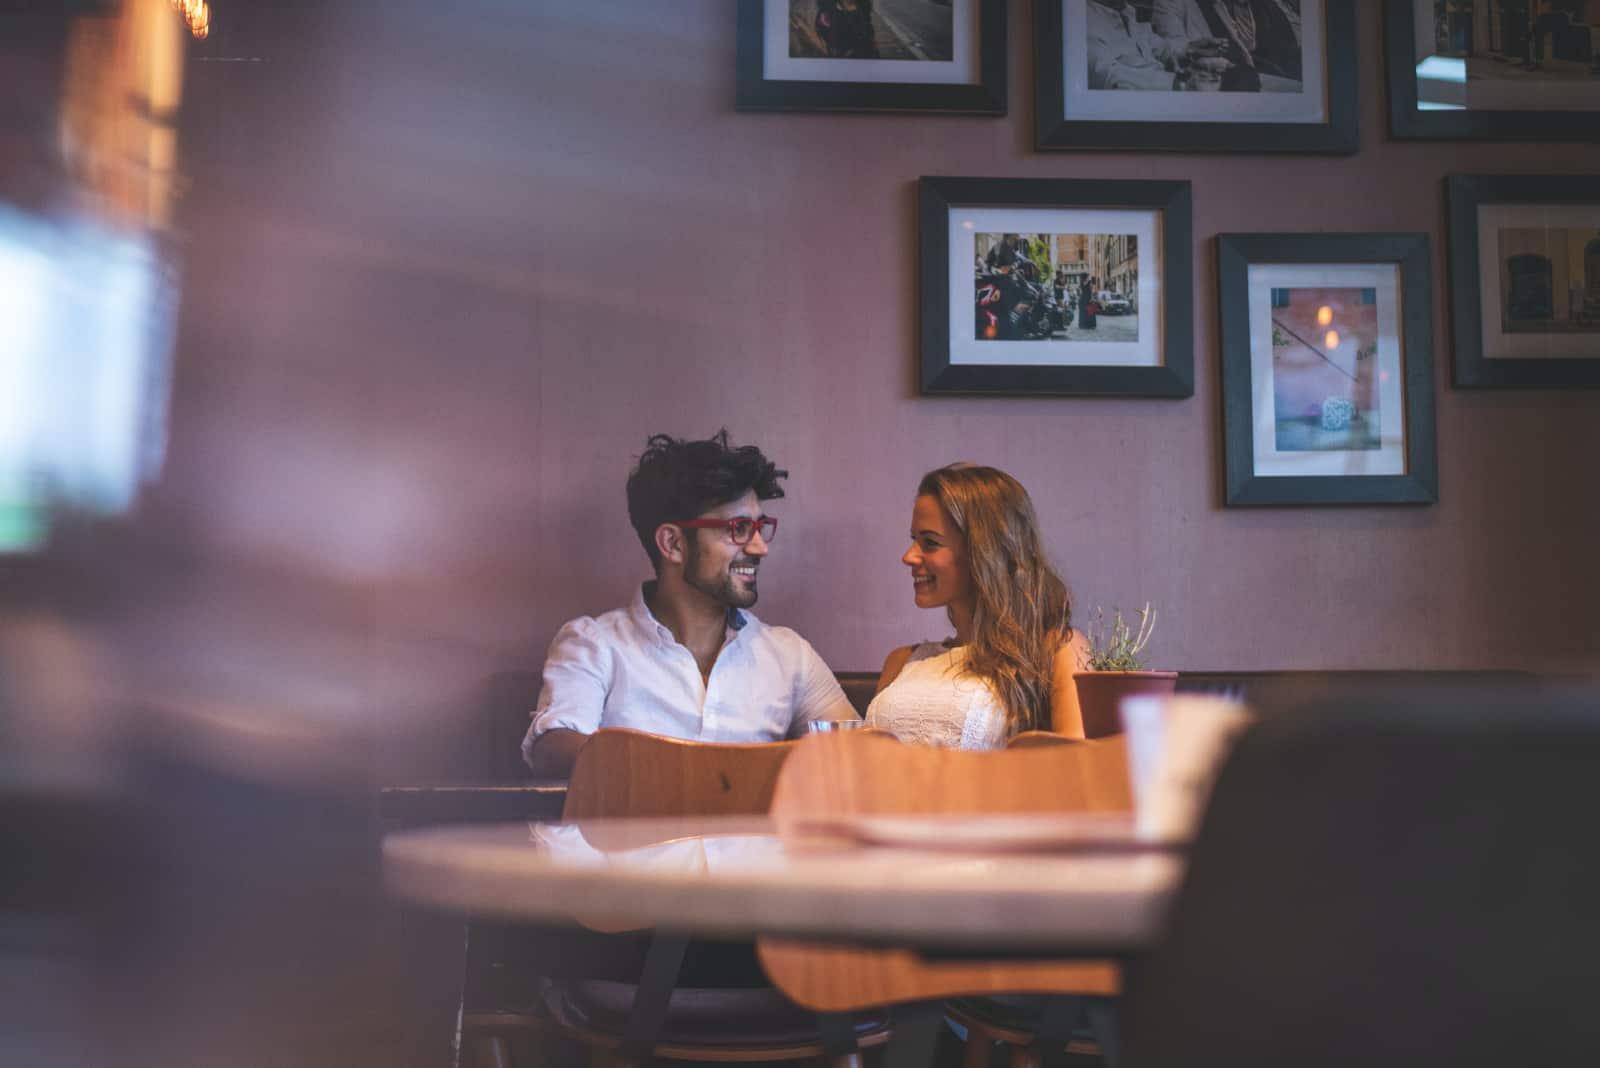 homme et femme établissant un contact visuel tout en étant assis à une table